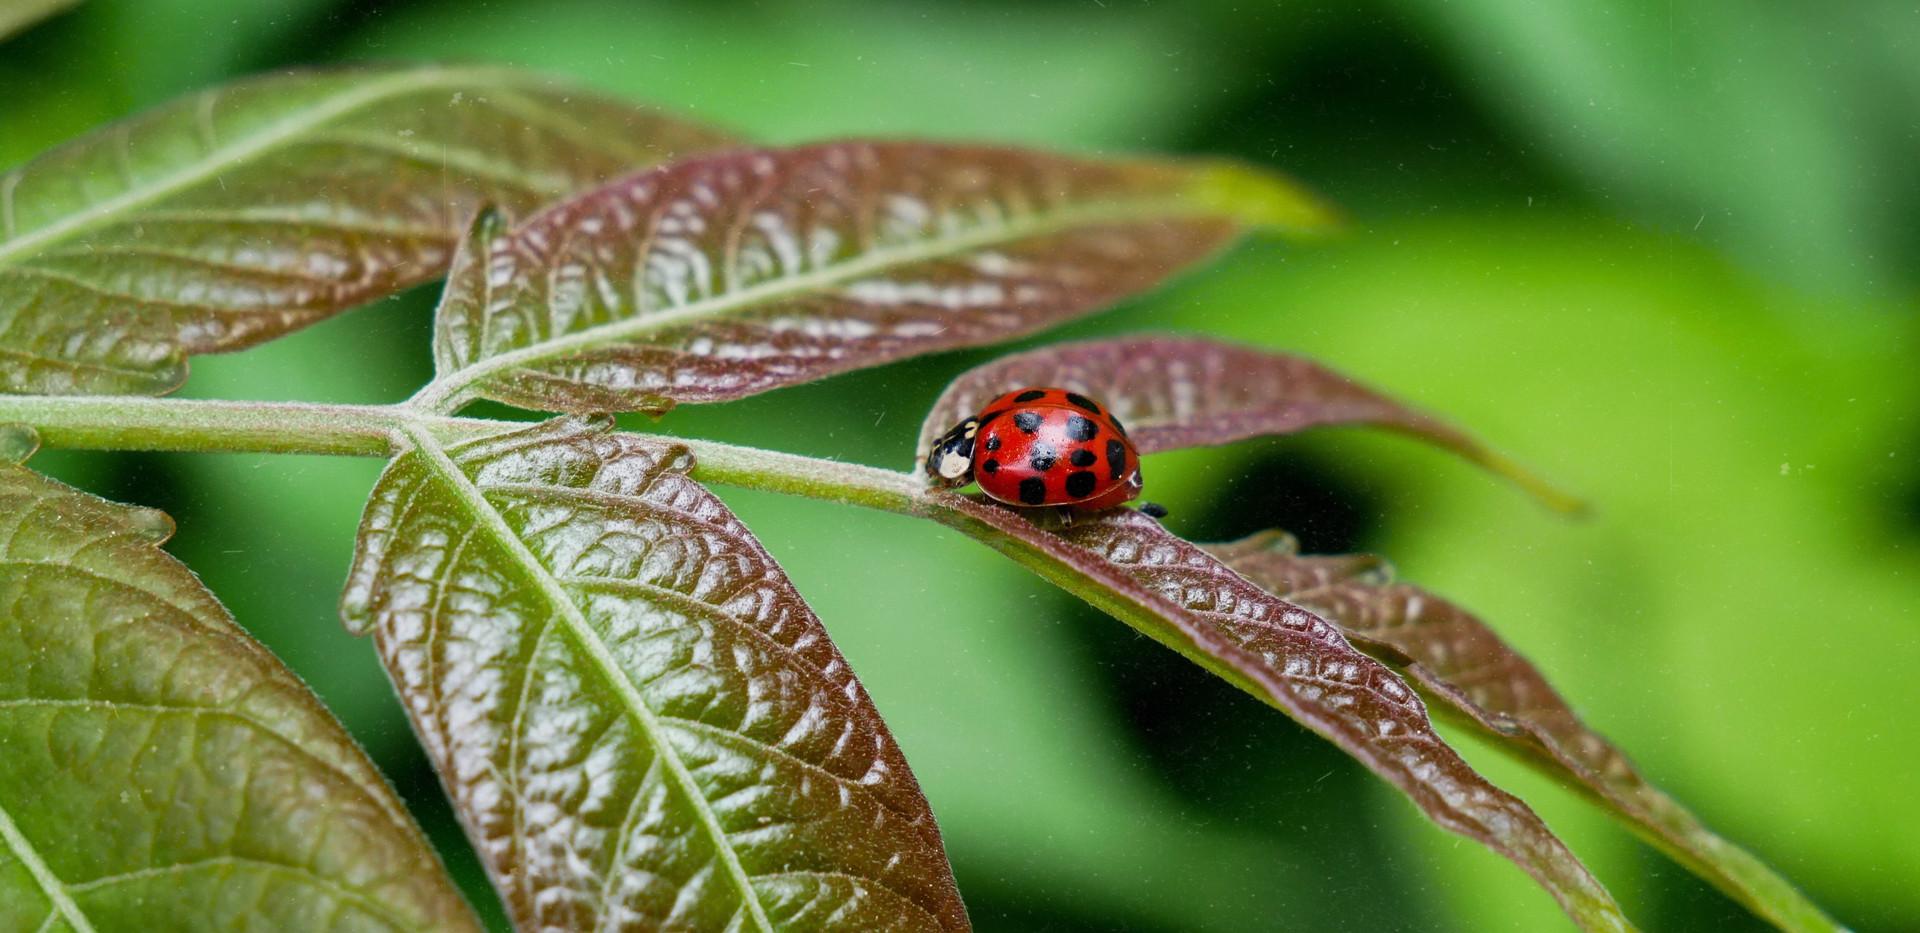 Ladybug on colorful leaf